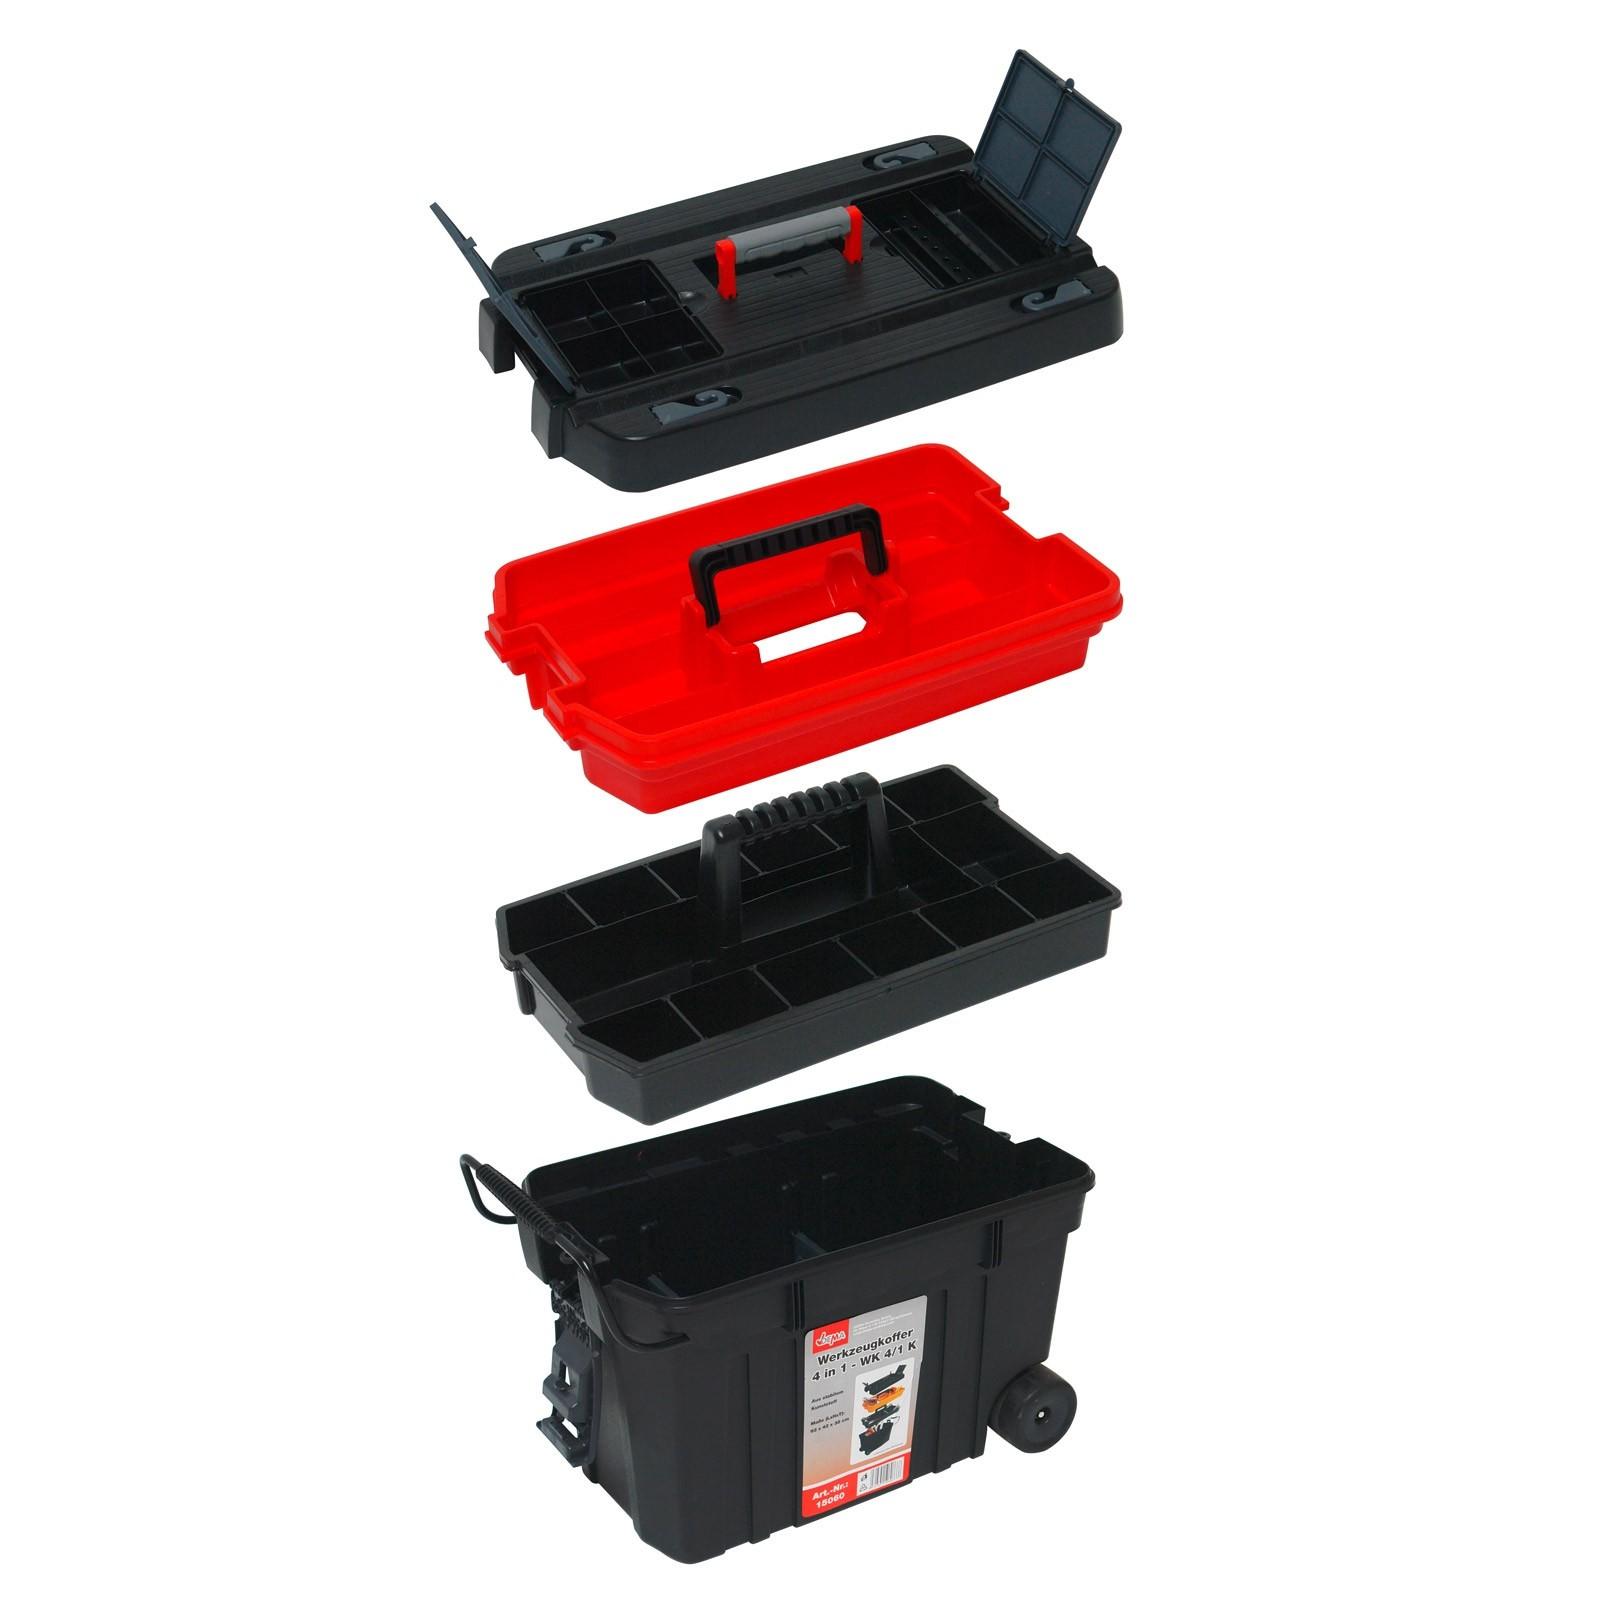 Dema Werkzeugkoffer 4in1 Werkzeugtrolley / Werkzeugkiste fahrbar 15060